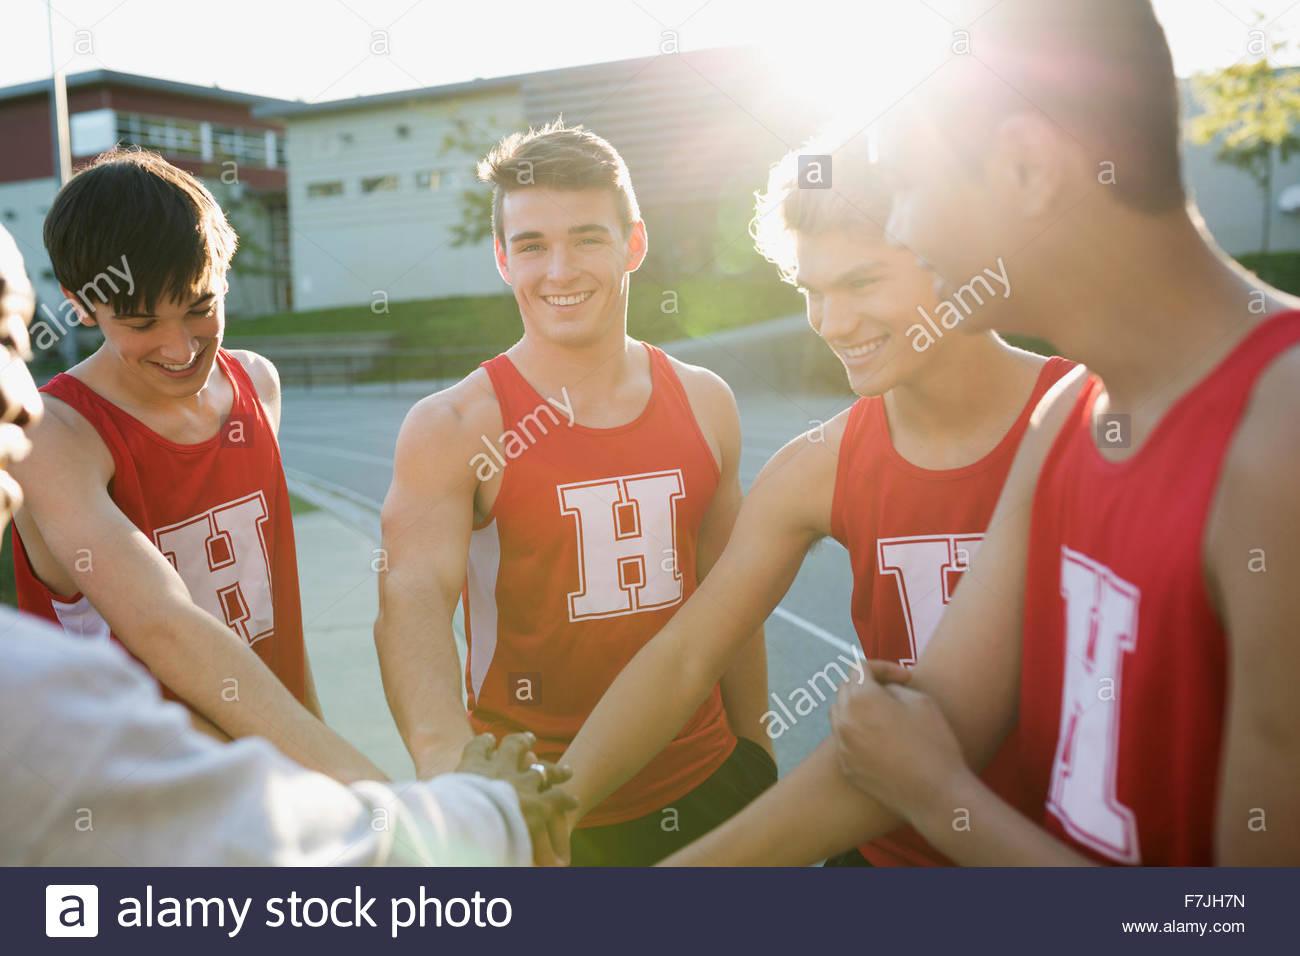 High school equipo de pista y campo se apiñan Imagen De Stock